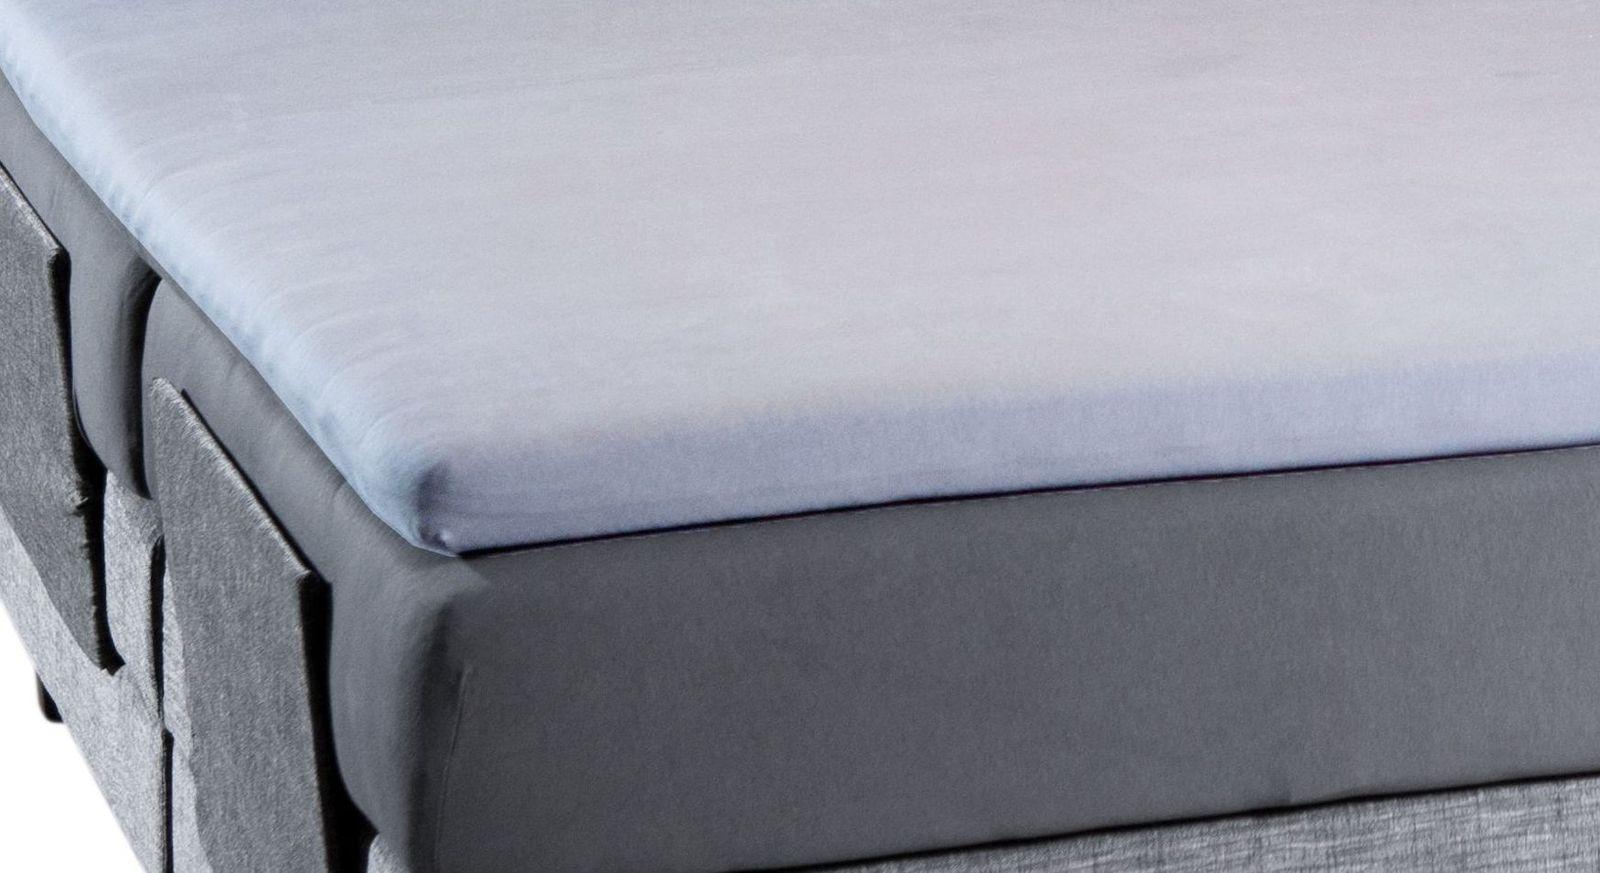 Boxspring-Spannbetttuch für Topper mit faltenfreiem Sitz